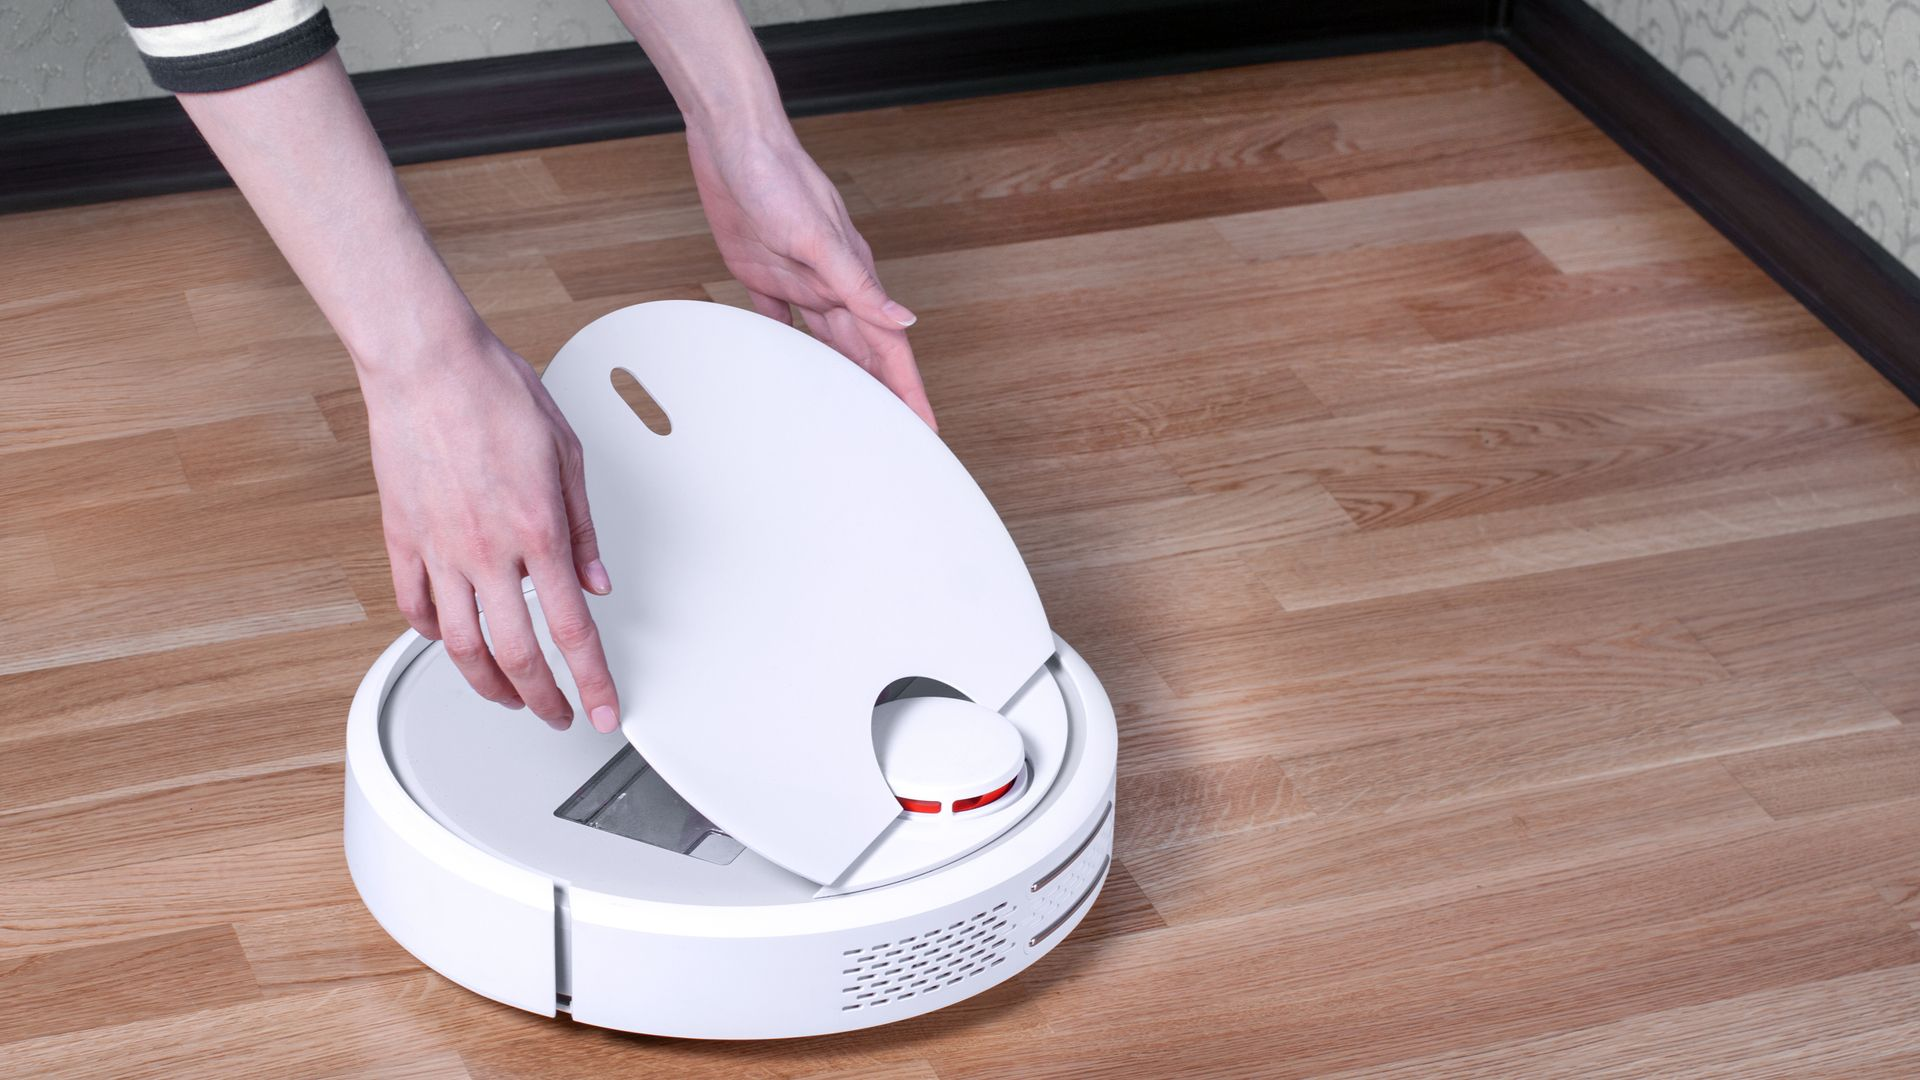 Aspiradores robô têm menor capacidade de armazenamento e demandam limpezas mais frequentes (Imagem: Shutterstock/Andrey Bryzgalov)